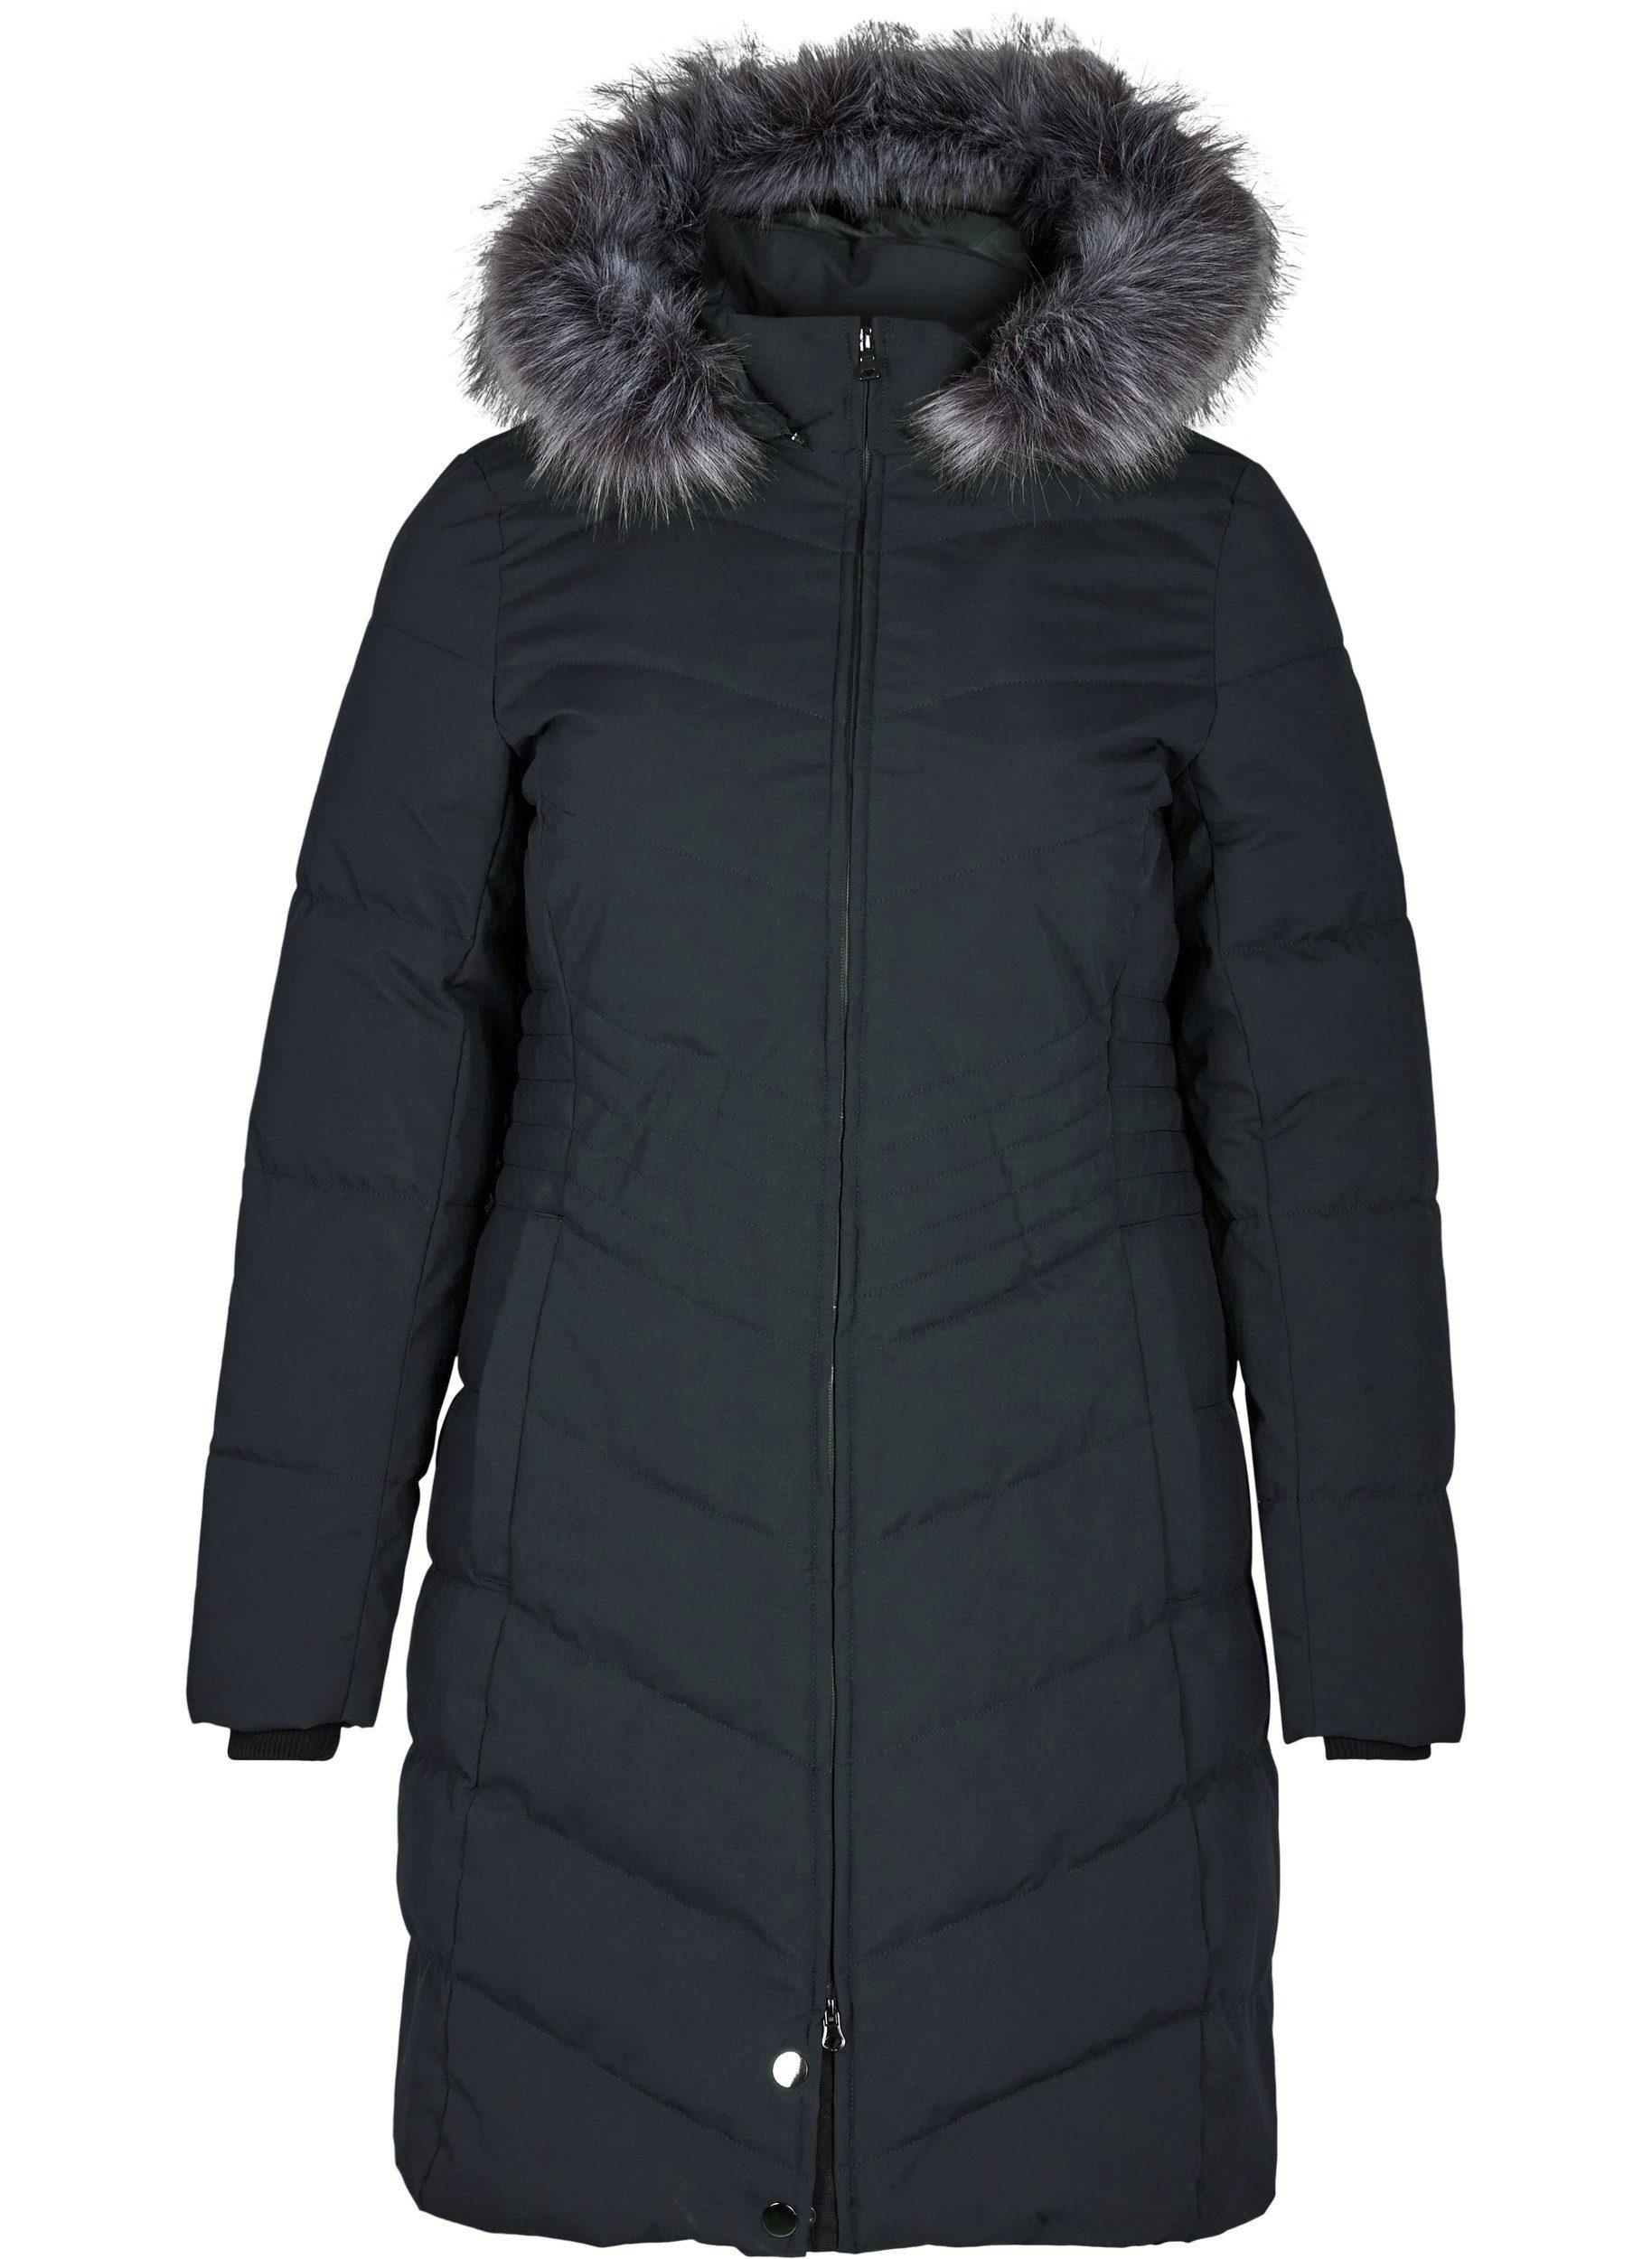 Zizzi Winterjacke Zizzi Damen Große Größen Warm Faux Kunstfellkragen Jacke, Feminine Passform online kaufen | OTTO